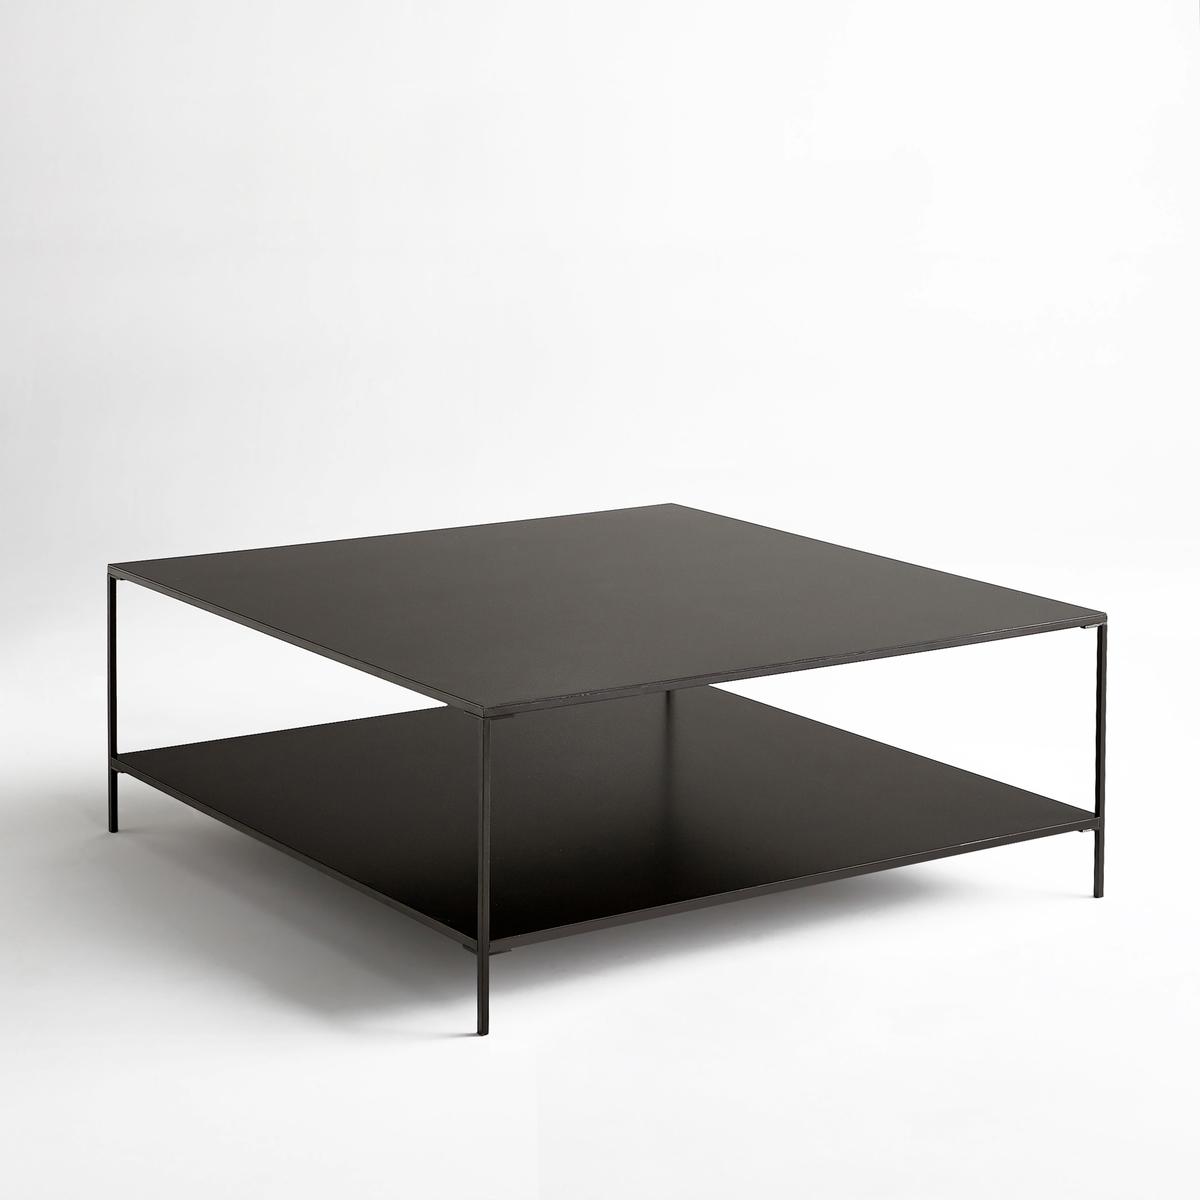 Столик La Redoute Журнальный квадратный из металла Yram единый размер серый